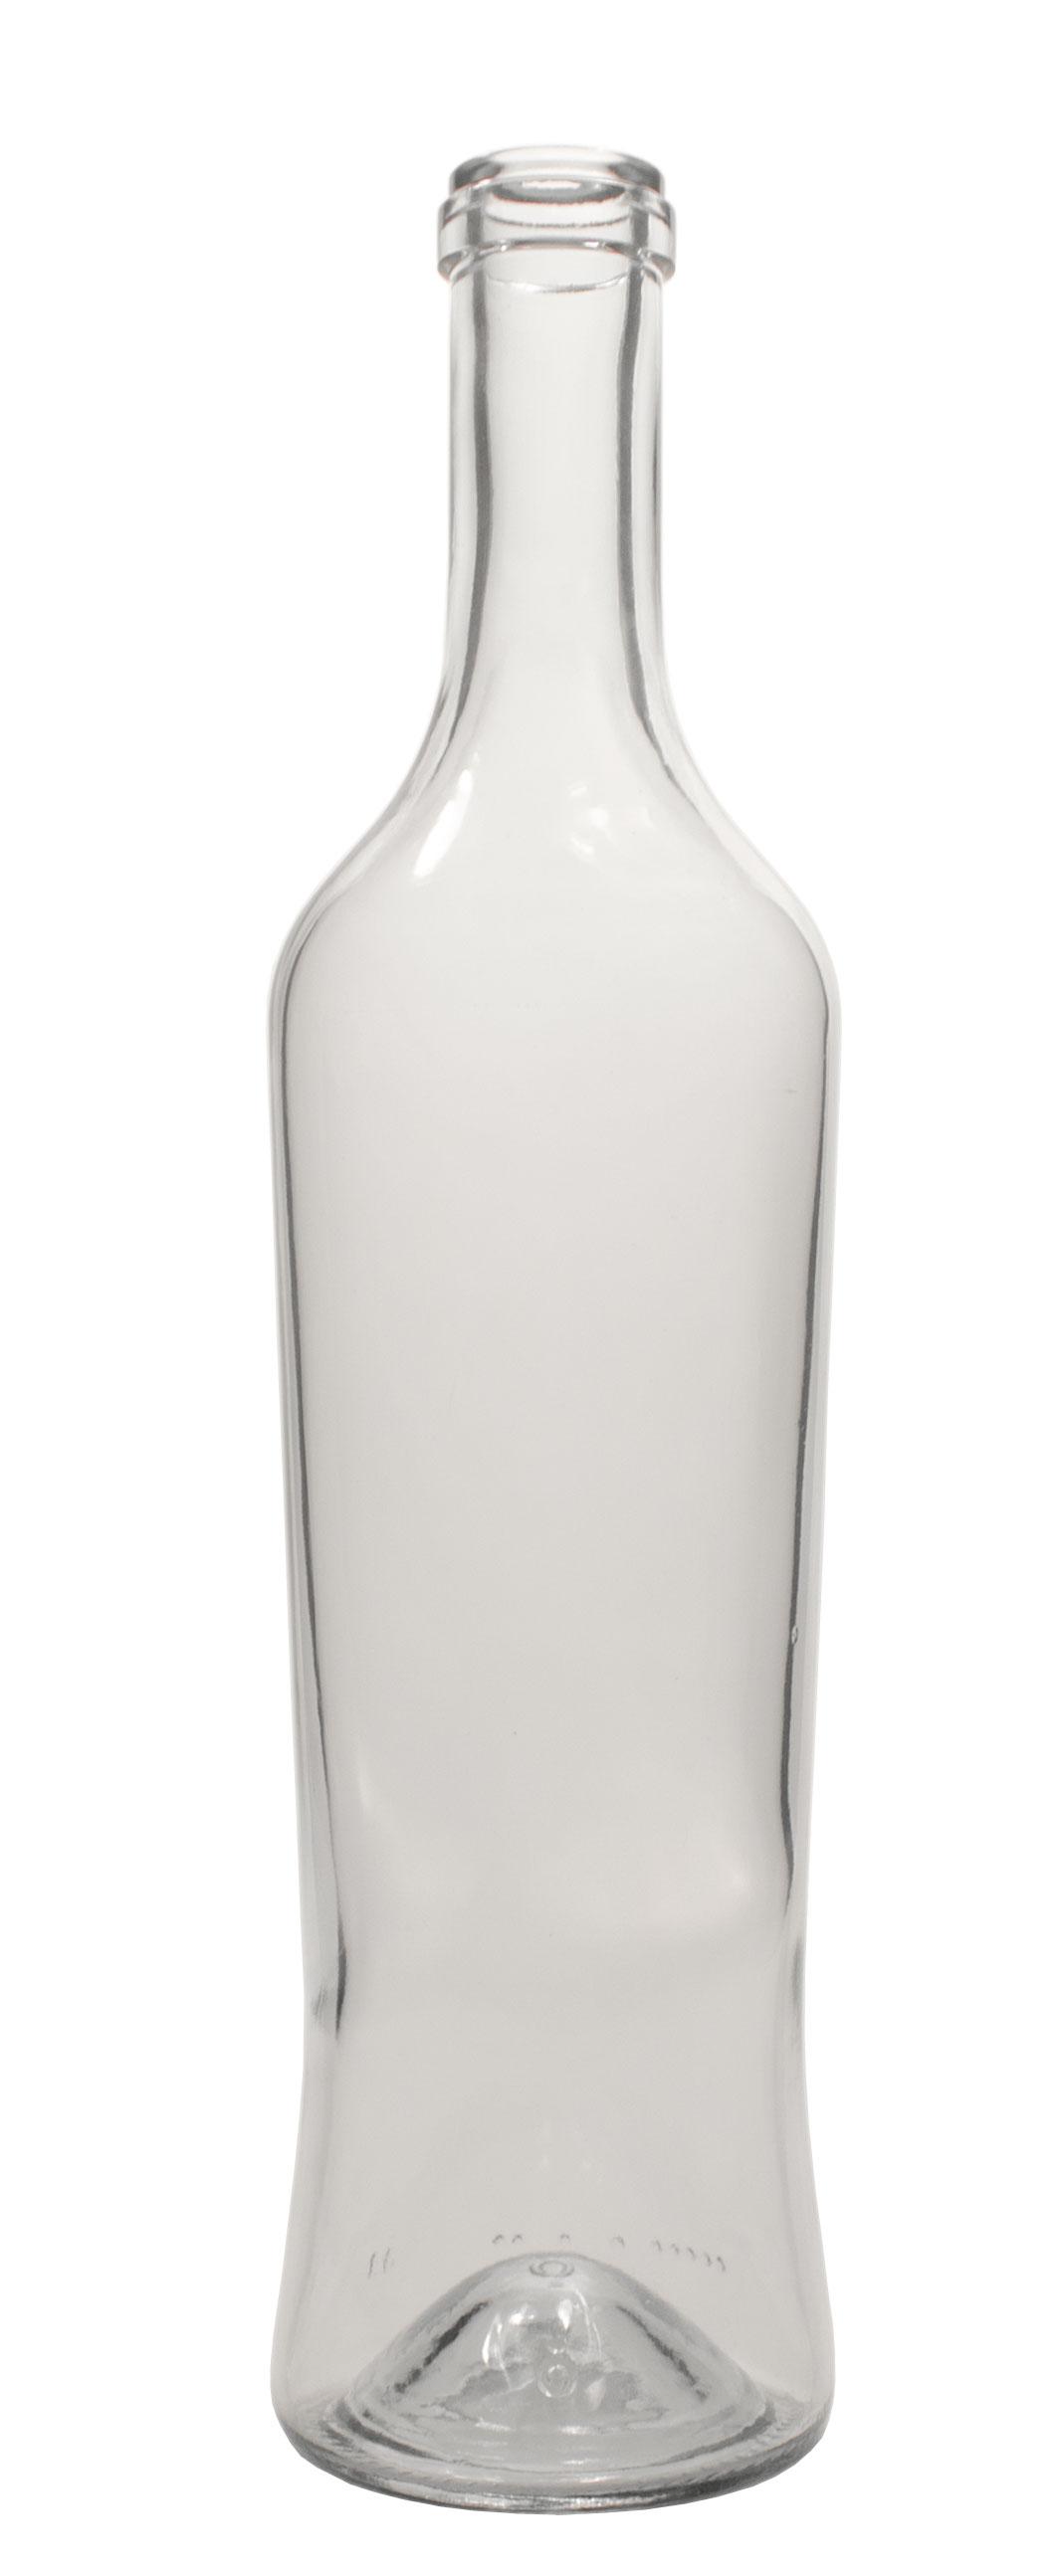 Laurie_750ml_flint_wine_bottle_specialty